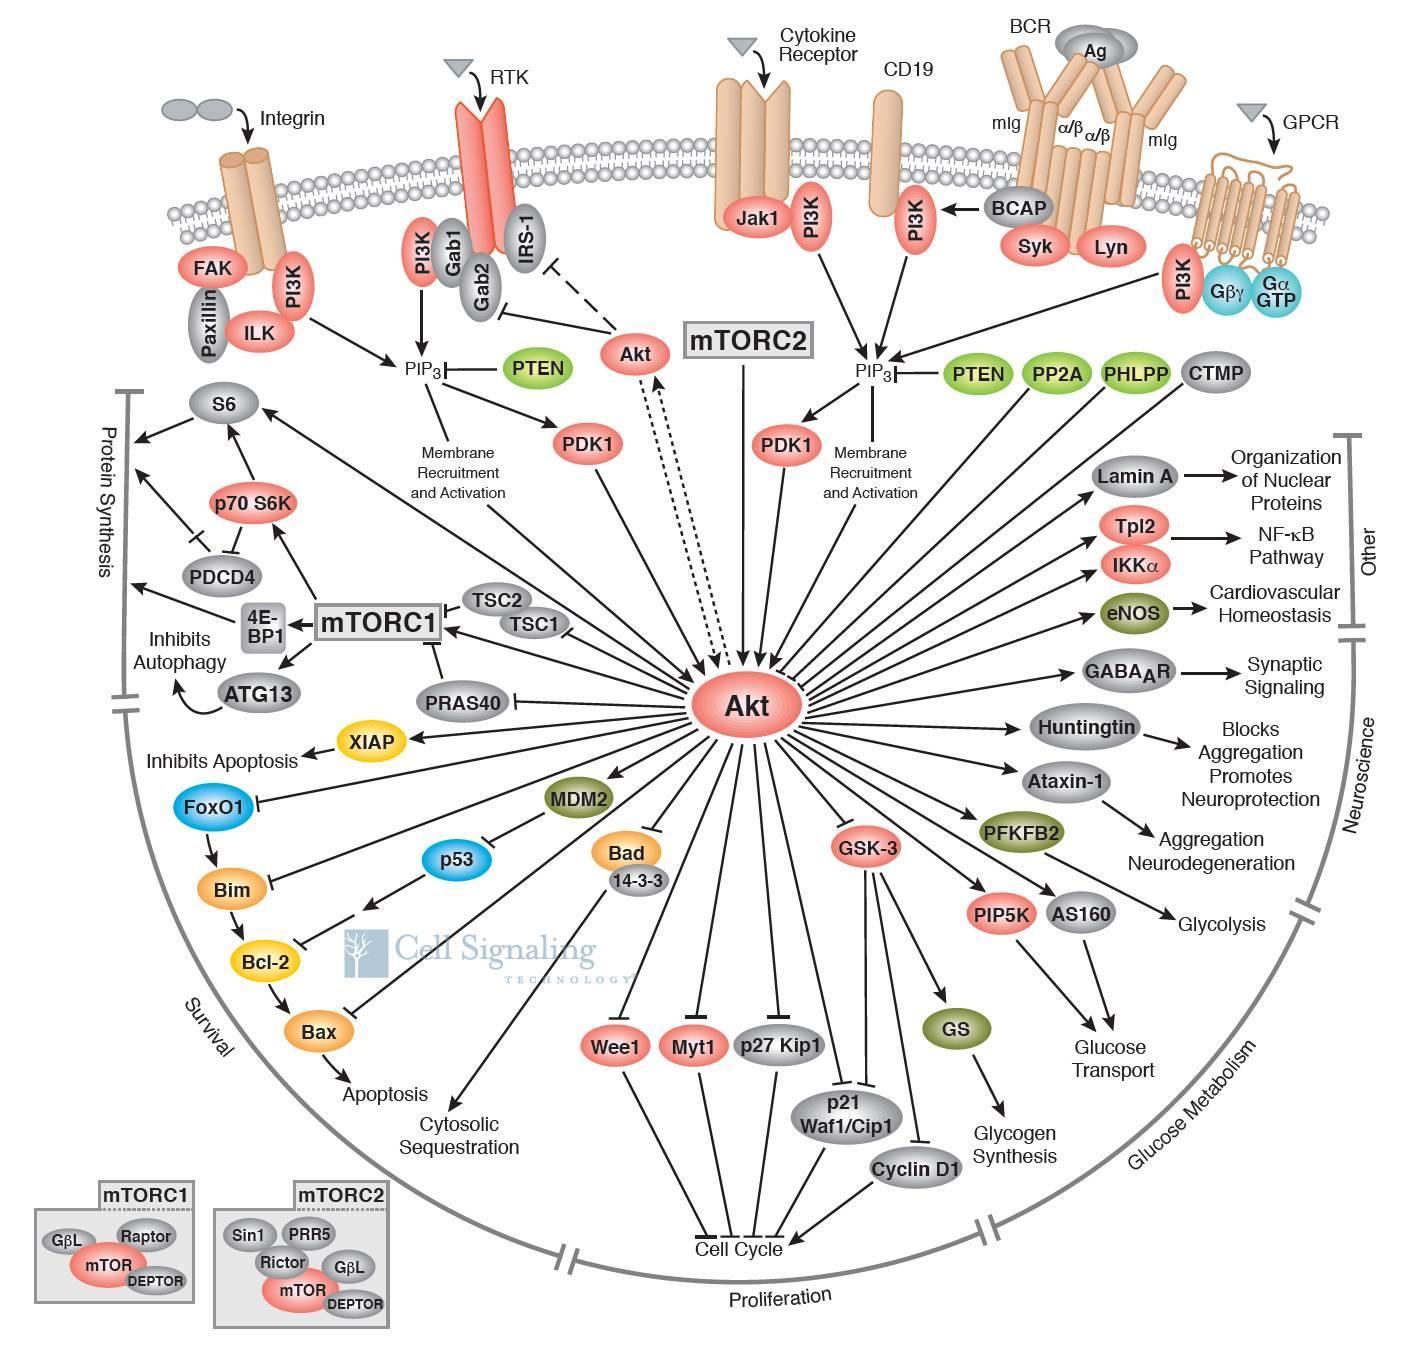 细胞信号通路图解介绍之PI3K/Akt信号通路-sci666